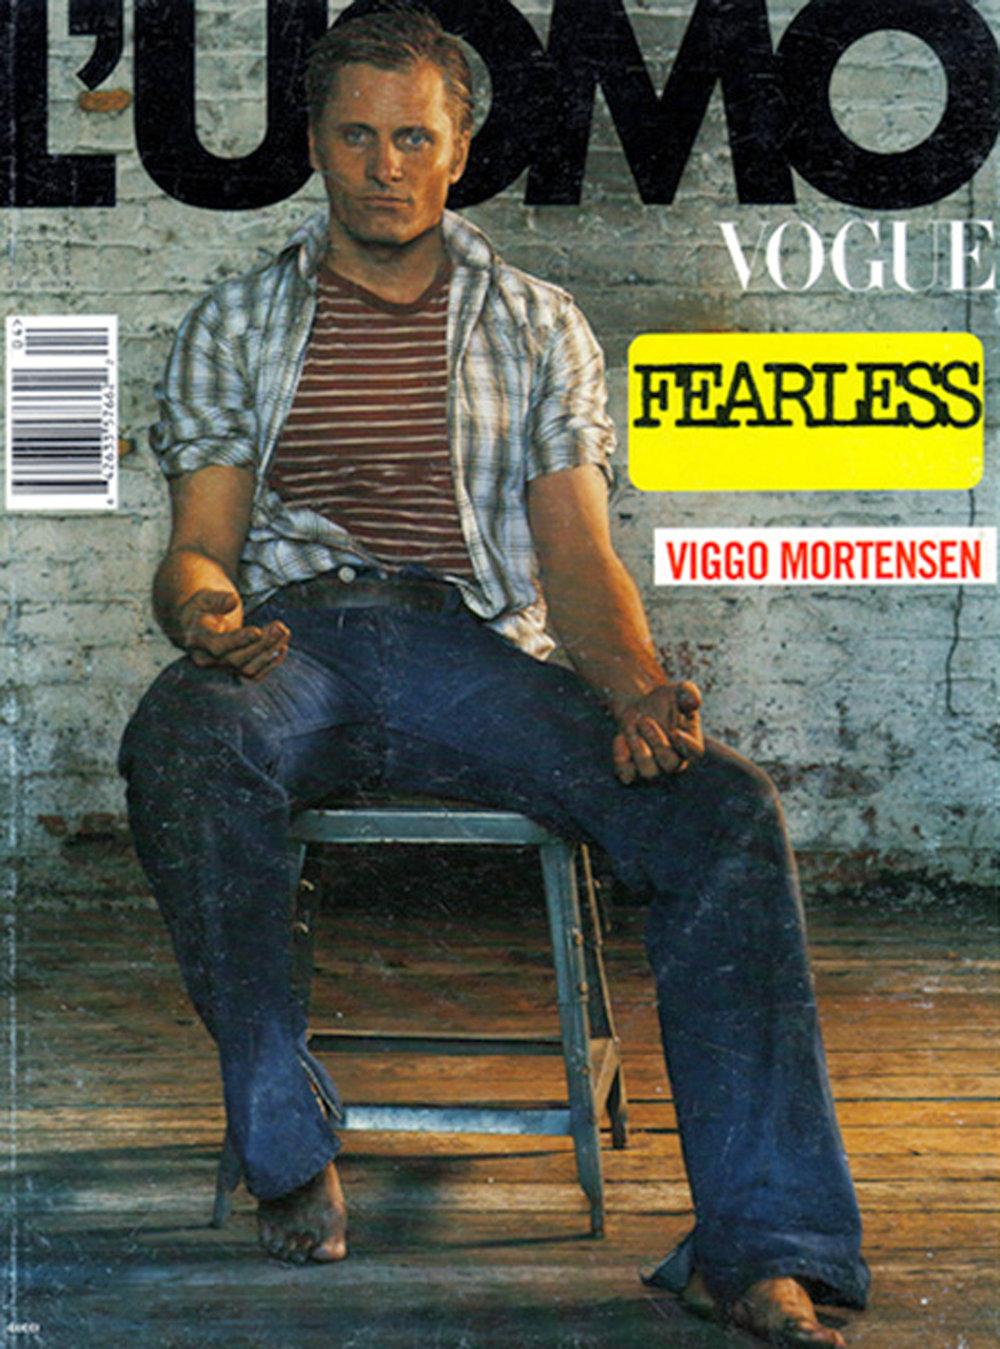 VIGGO MORTENSEN. L'UOMO VOGUE BY STEVEN KLEIN. COVER.jpg